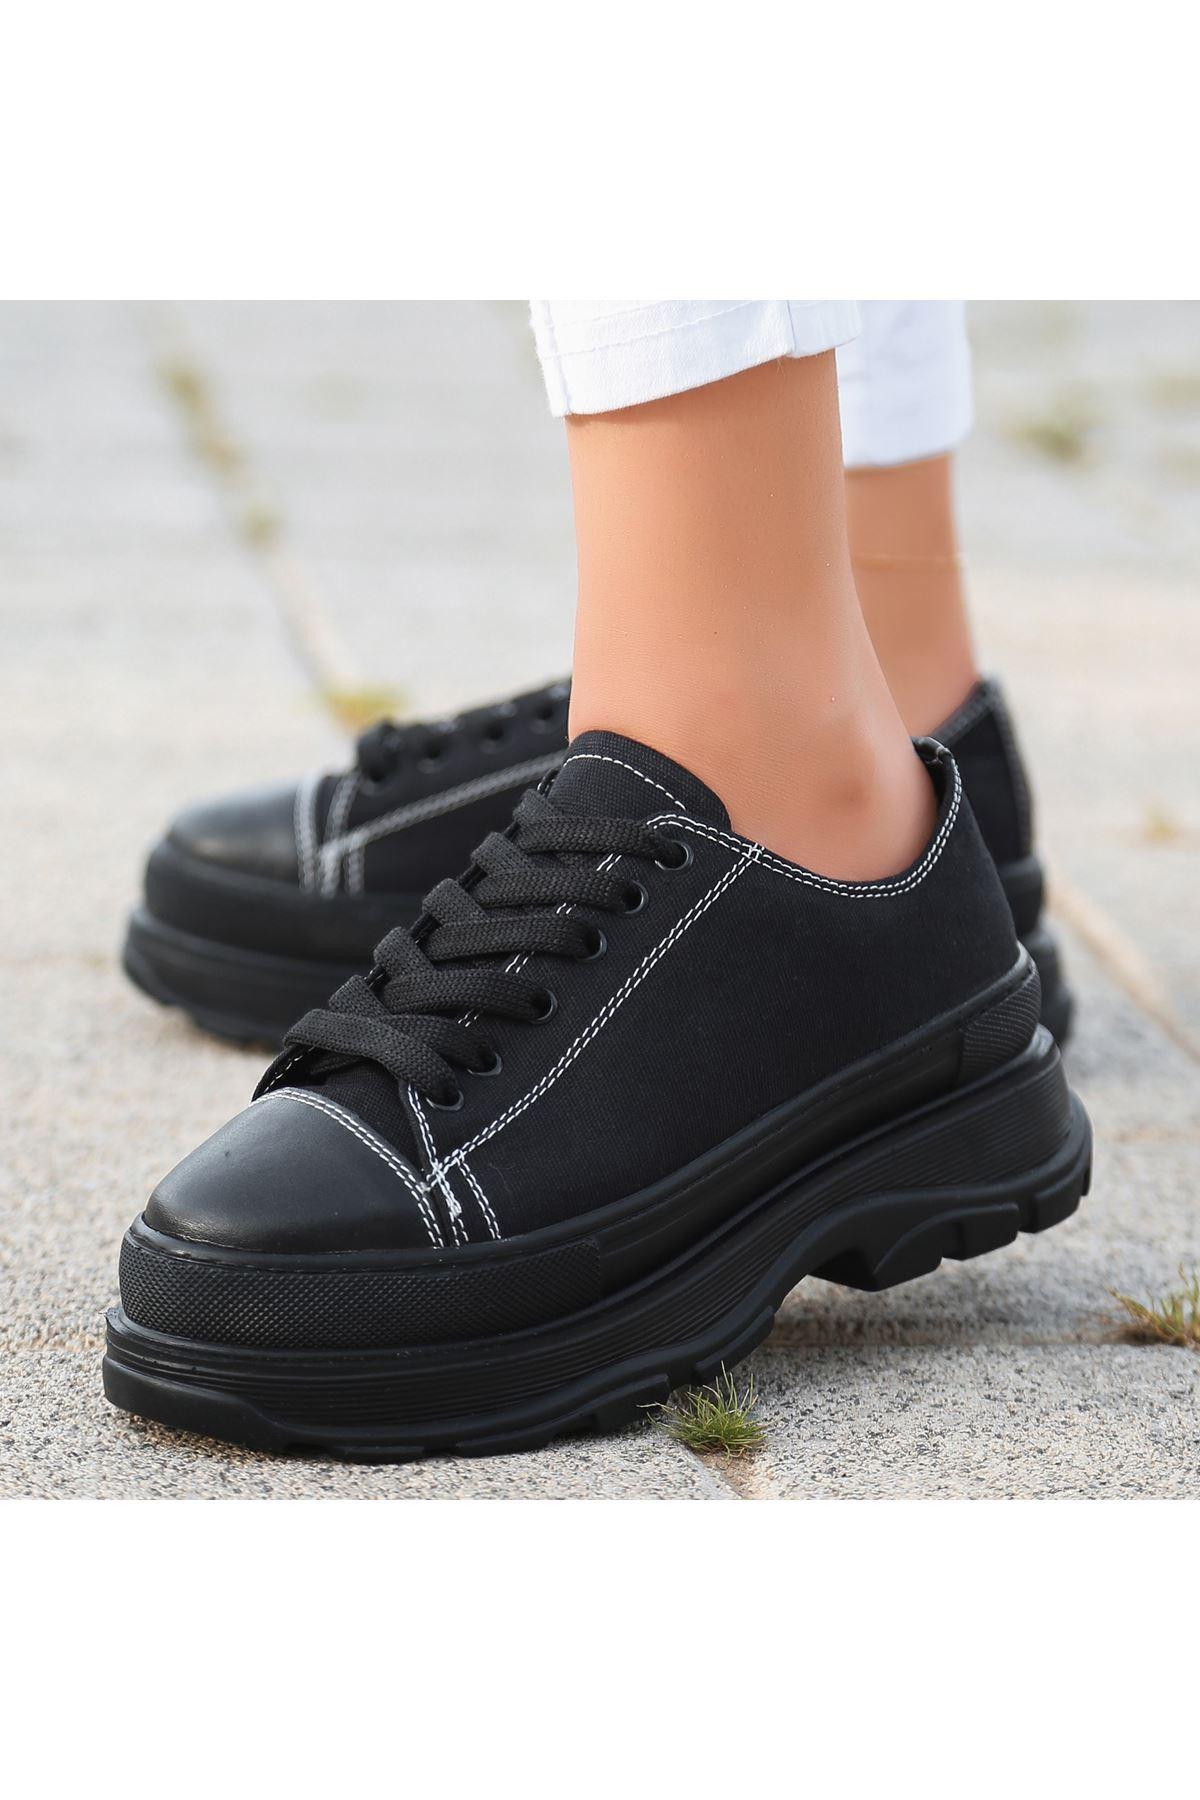 Bery Siyah Keten Bağcıklı Spor Ayakkabı